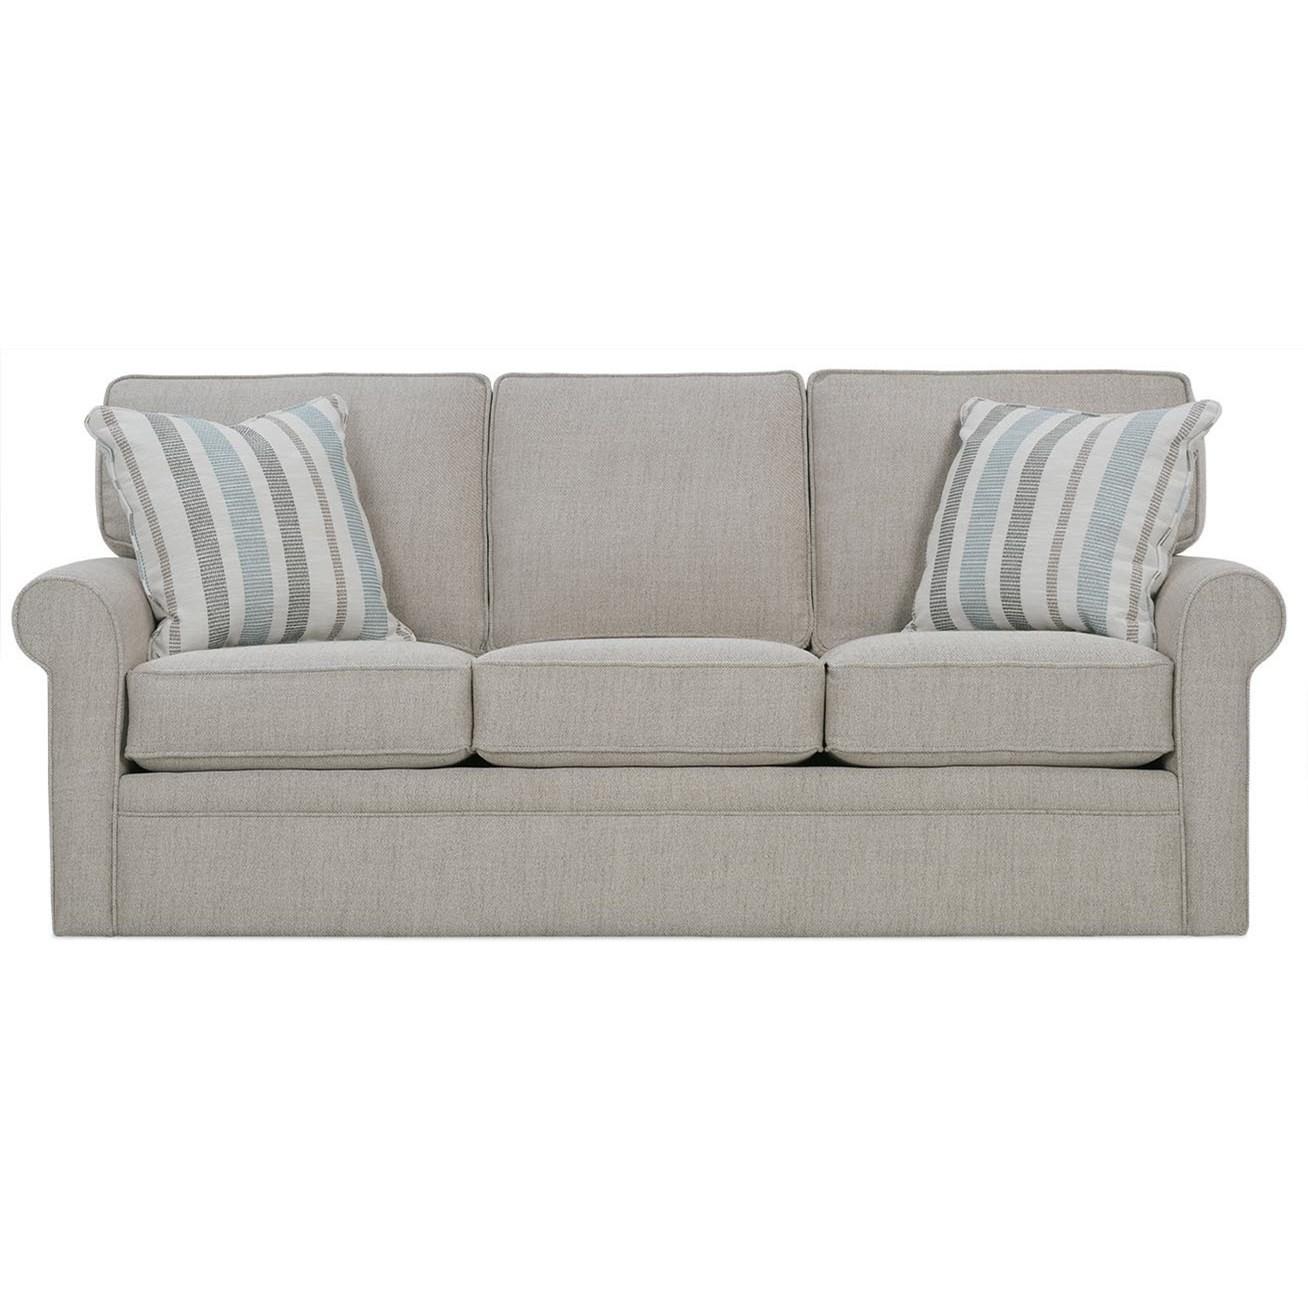 Dalton Stationary Sofa by Rowe at Johnny Janosik